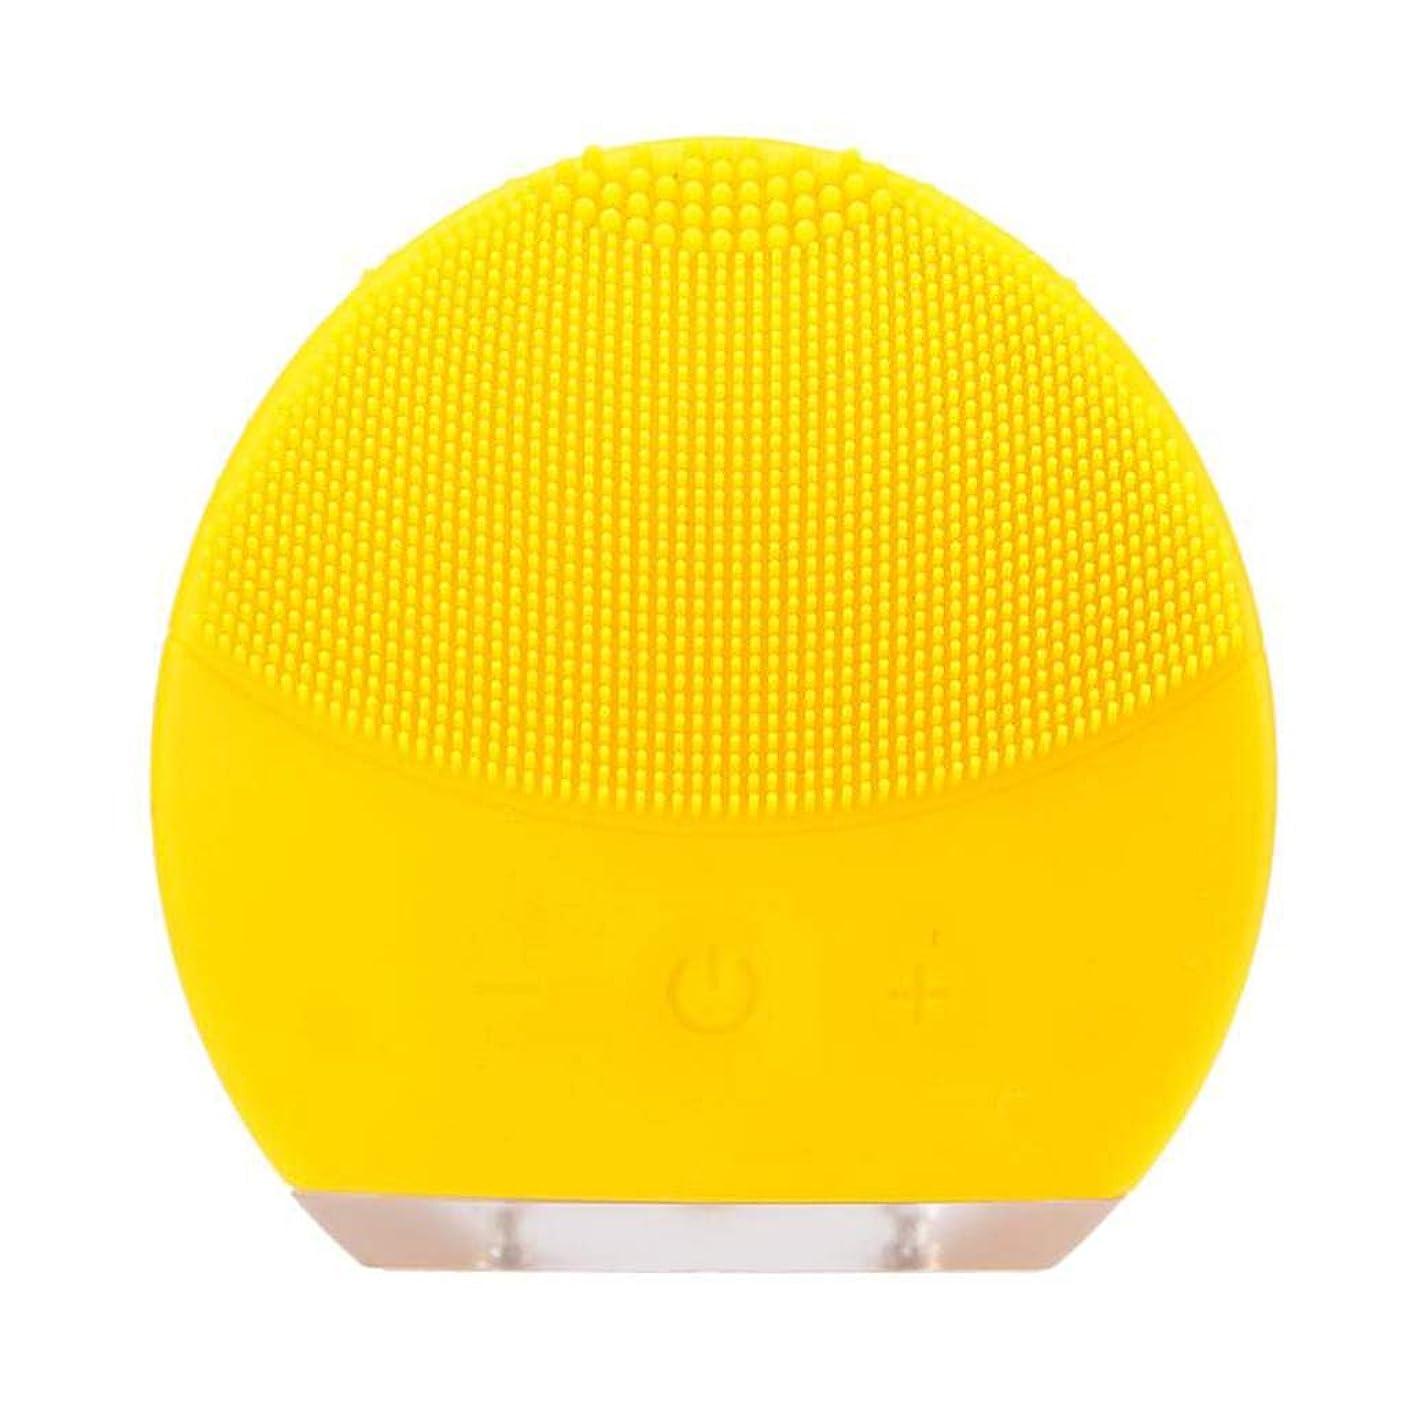 無効船酔い愛国的な超音波振動美容機器洗浄器、皮膚の毛穴を最小限に抑えるマイクロダーマブレーション毛穴、USB 充電と防水,Yellow